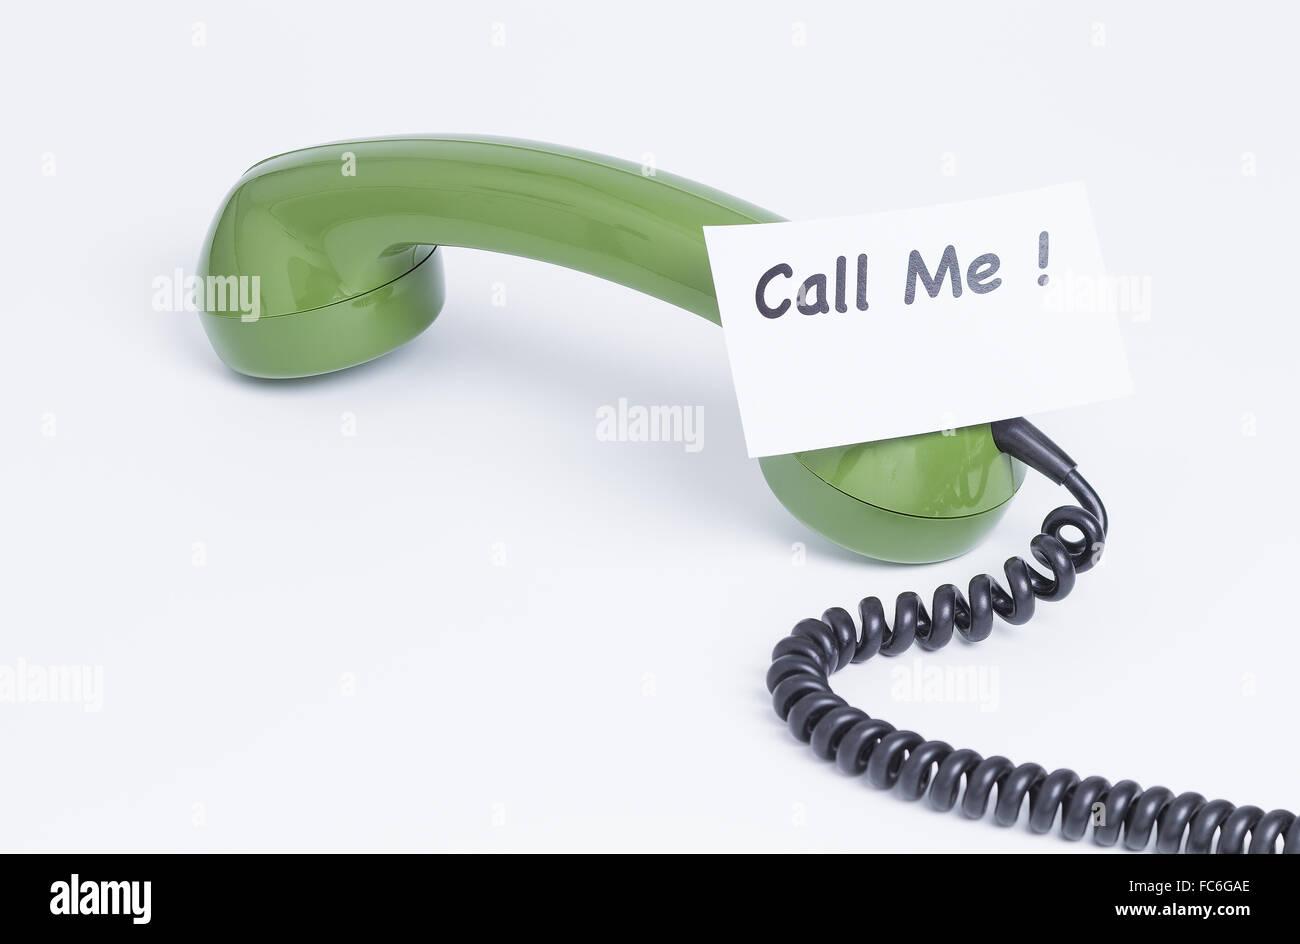 Call me - Stock Image